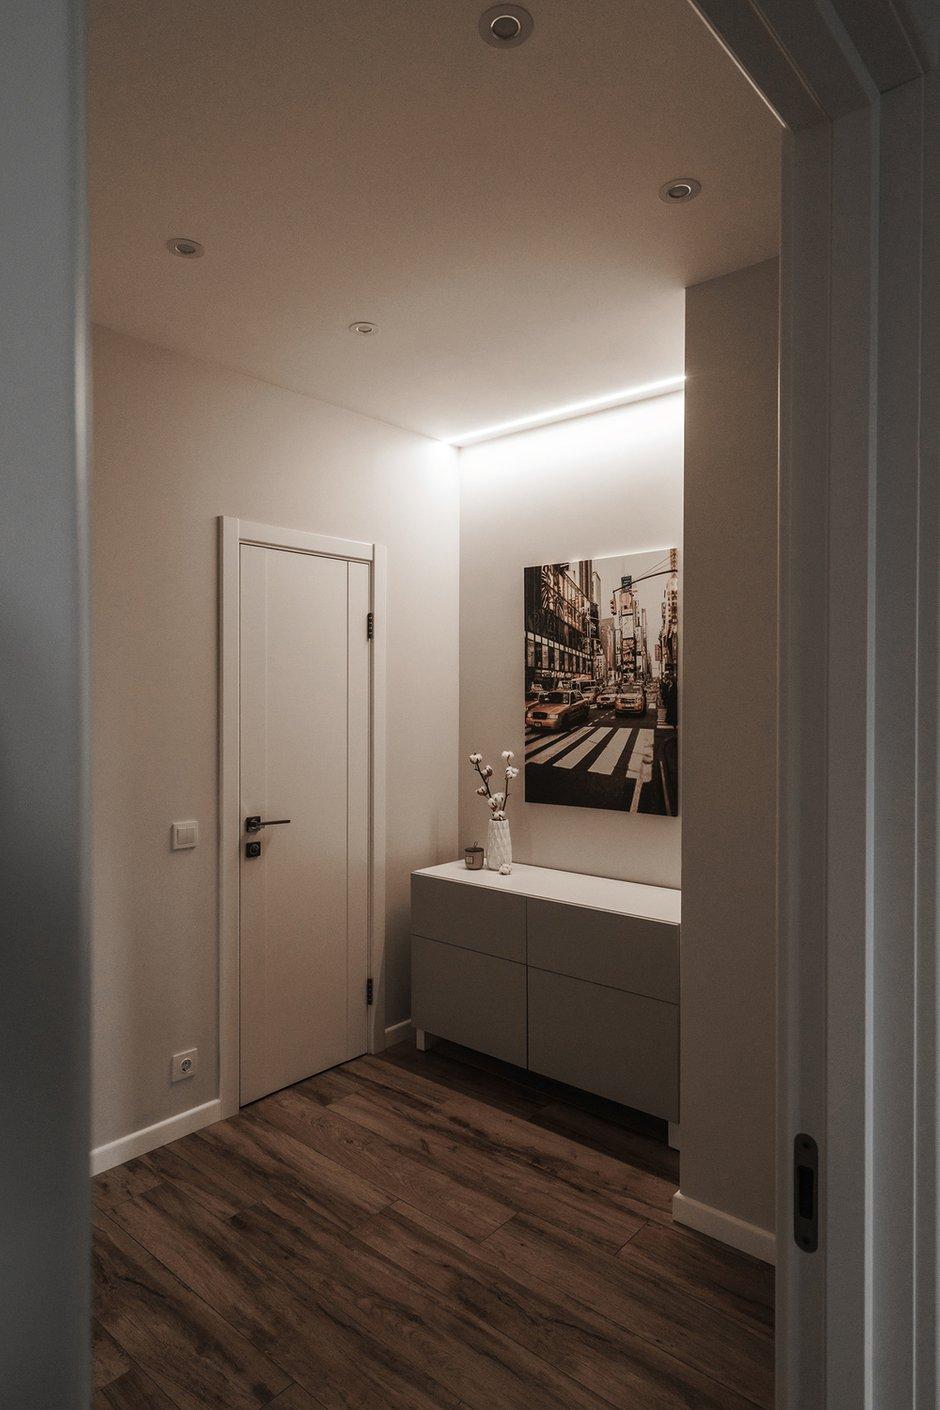 Фотография: Прихожая в стиле Минимализм, Современный, Квартира, Проект недели, Пенза, 3 комнаты, Более 90 метров, Юлия Власова – фото на INMYROOM